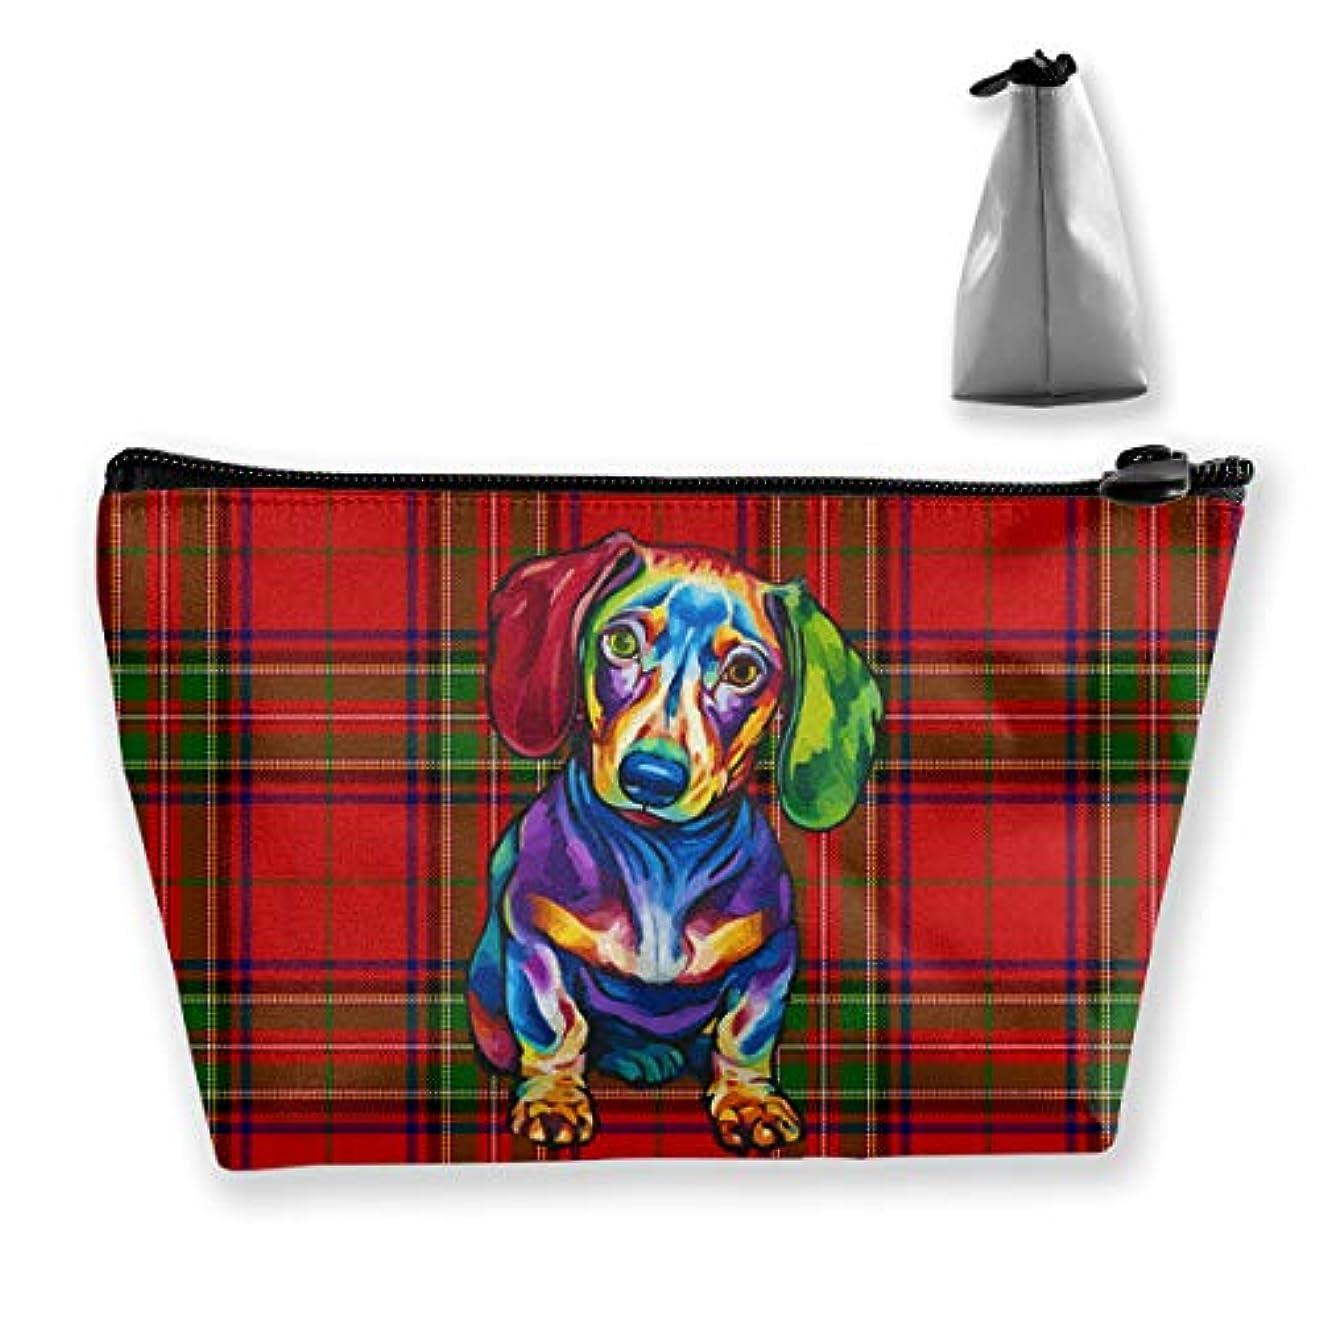 深く煙突石油Szsgqkj 赤いスコットランドの柄 猟腸犬 化粧品袋の携帯用旅行構造の袋の洗面用品の主催者